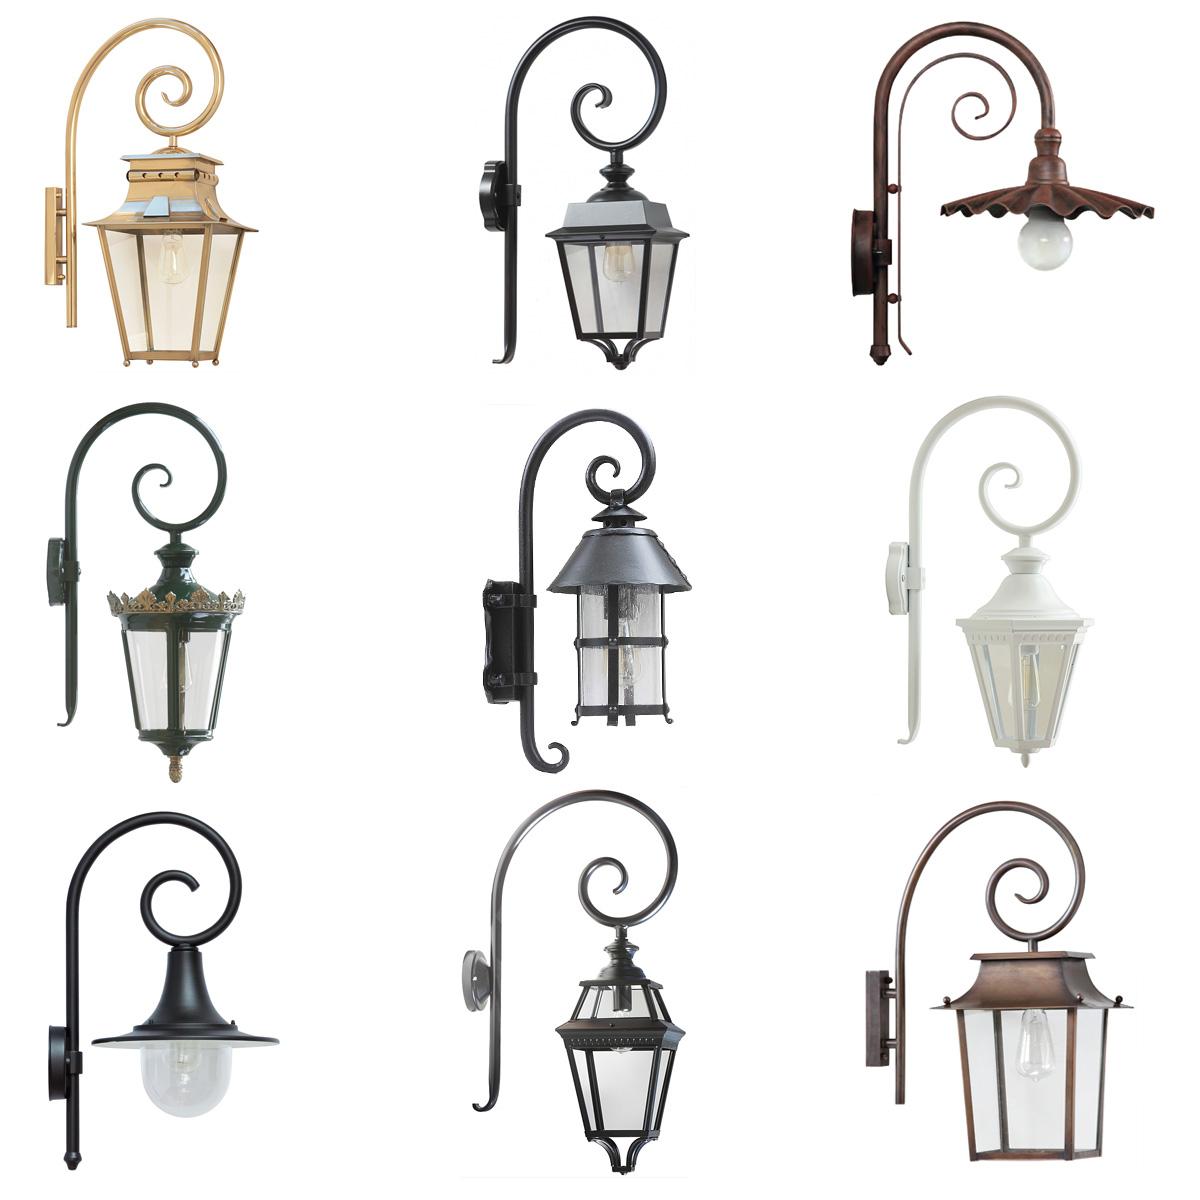 lumi leuchten klassische und zeitlose lampen aus europa seite 3. Black Bedroom Furniture Sets. Home Design Ideas